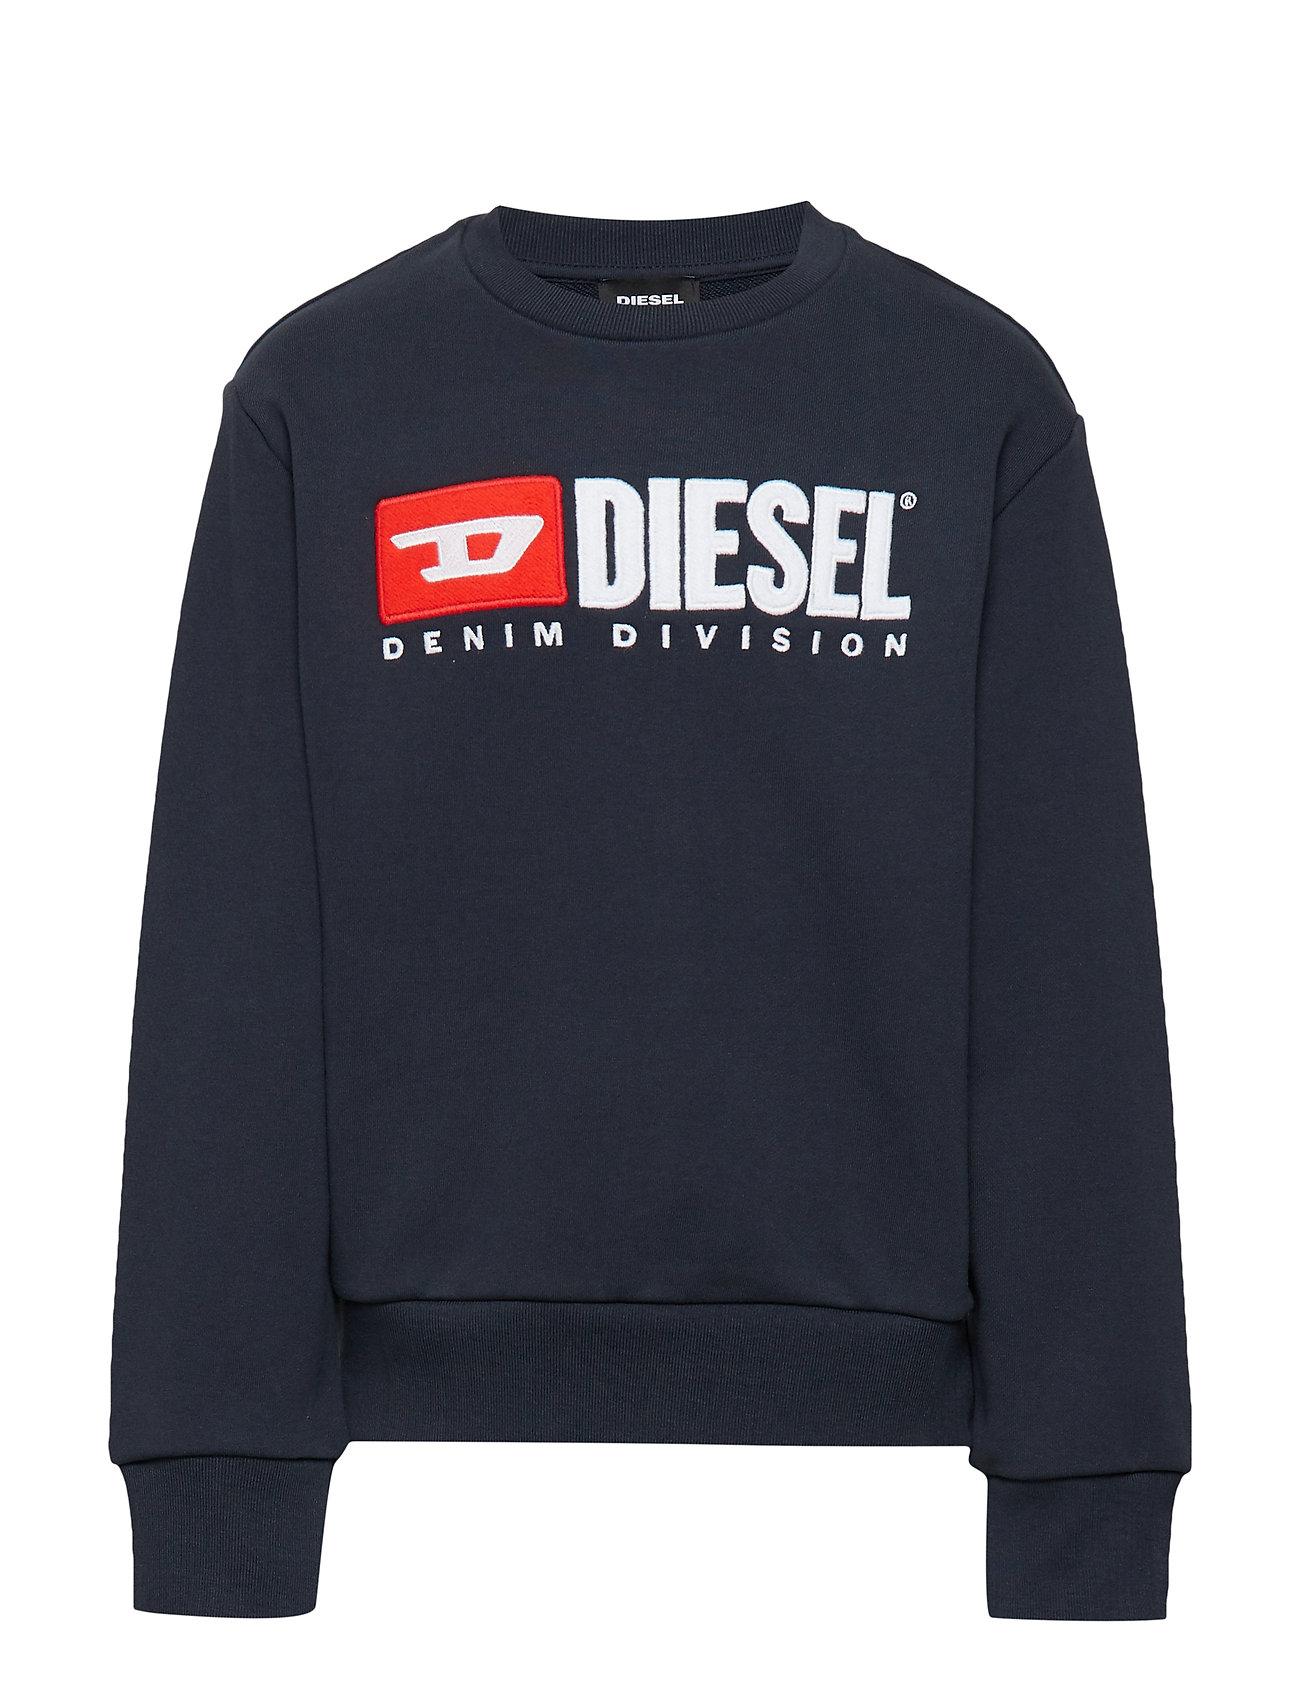 Diesel SCREWDIVISION OVER SWEAT-SHIRT - DARK BLUE